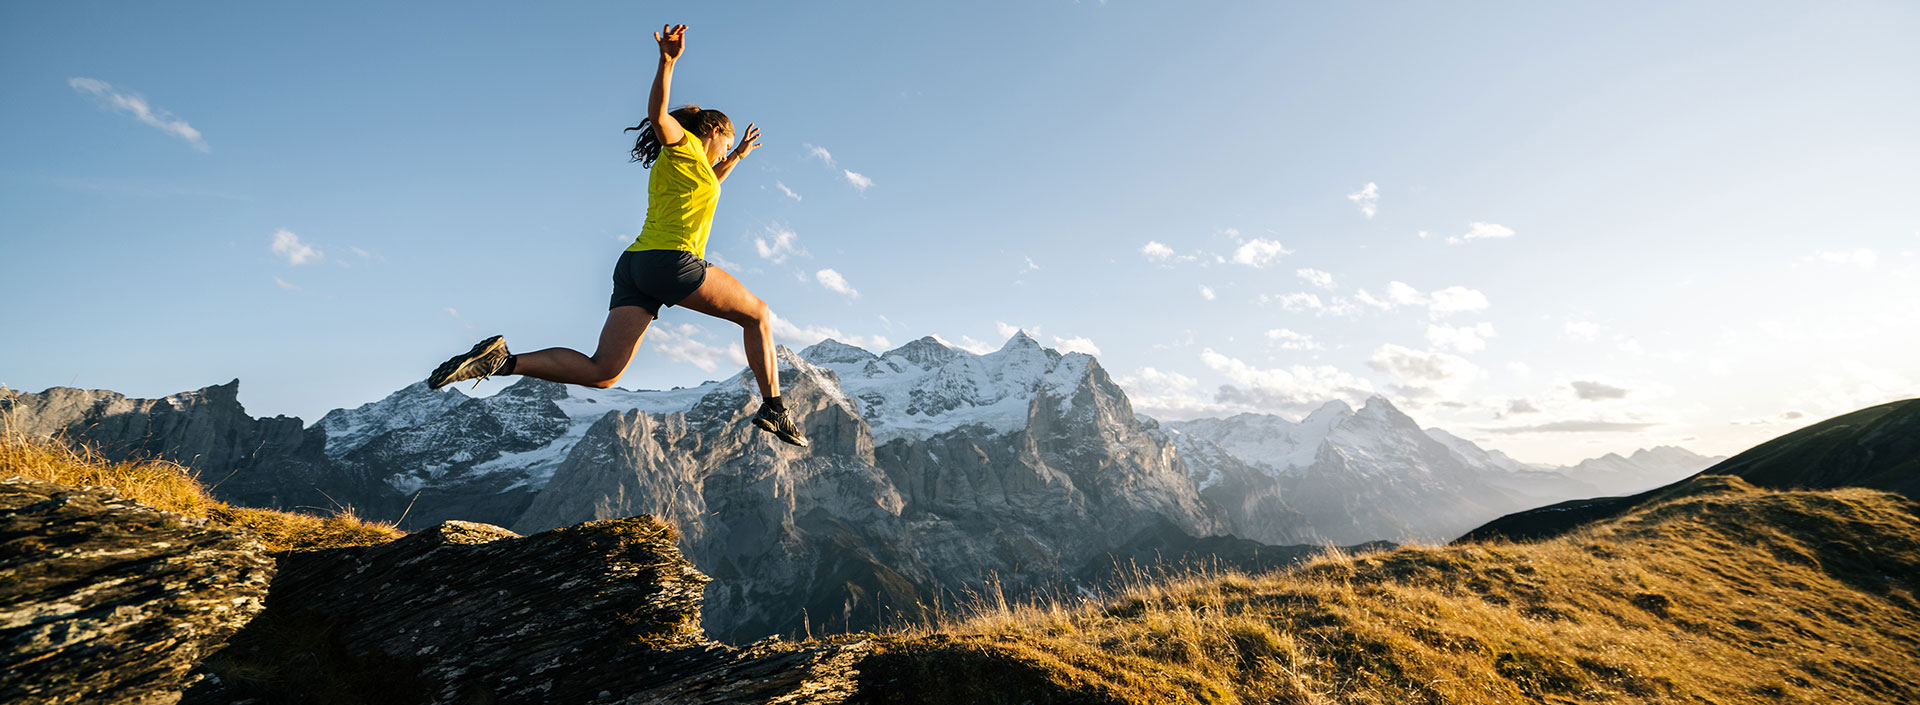 osoba skacząca przez rów w tle góry